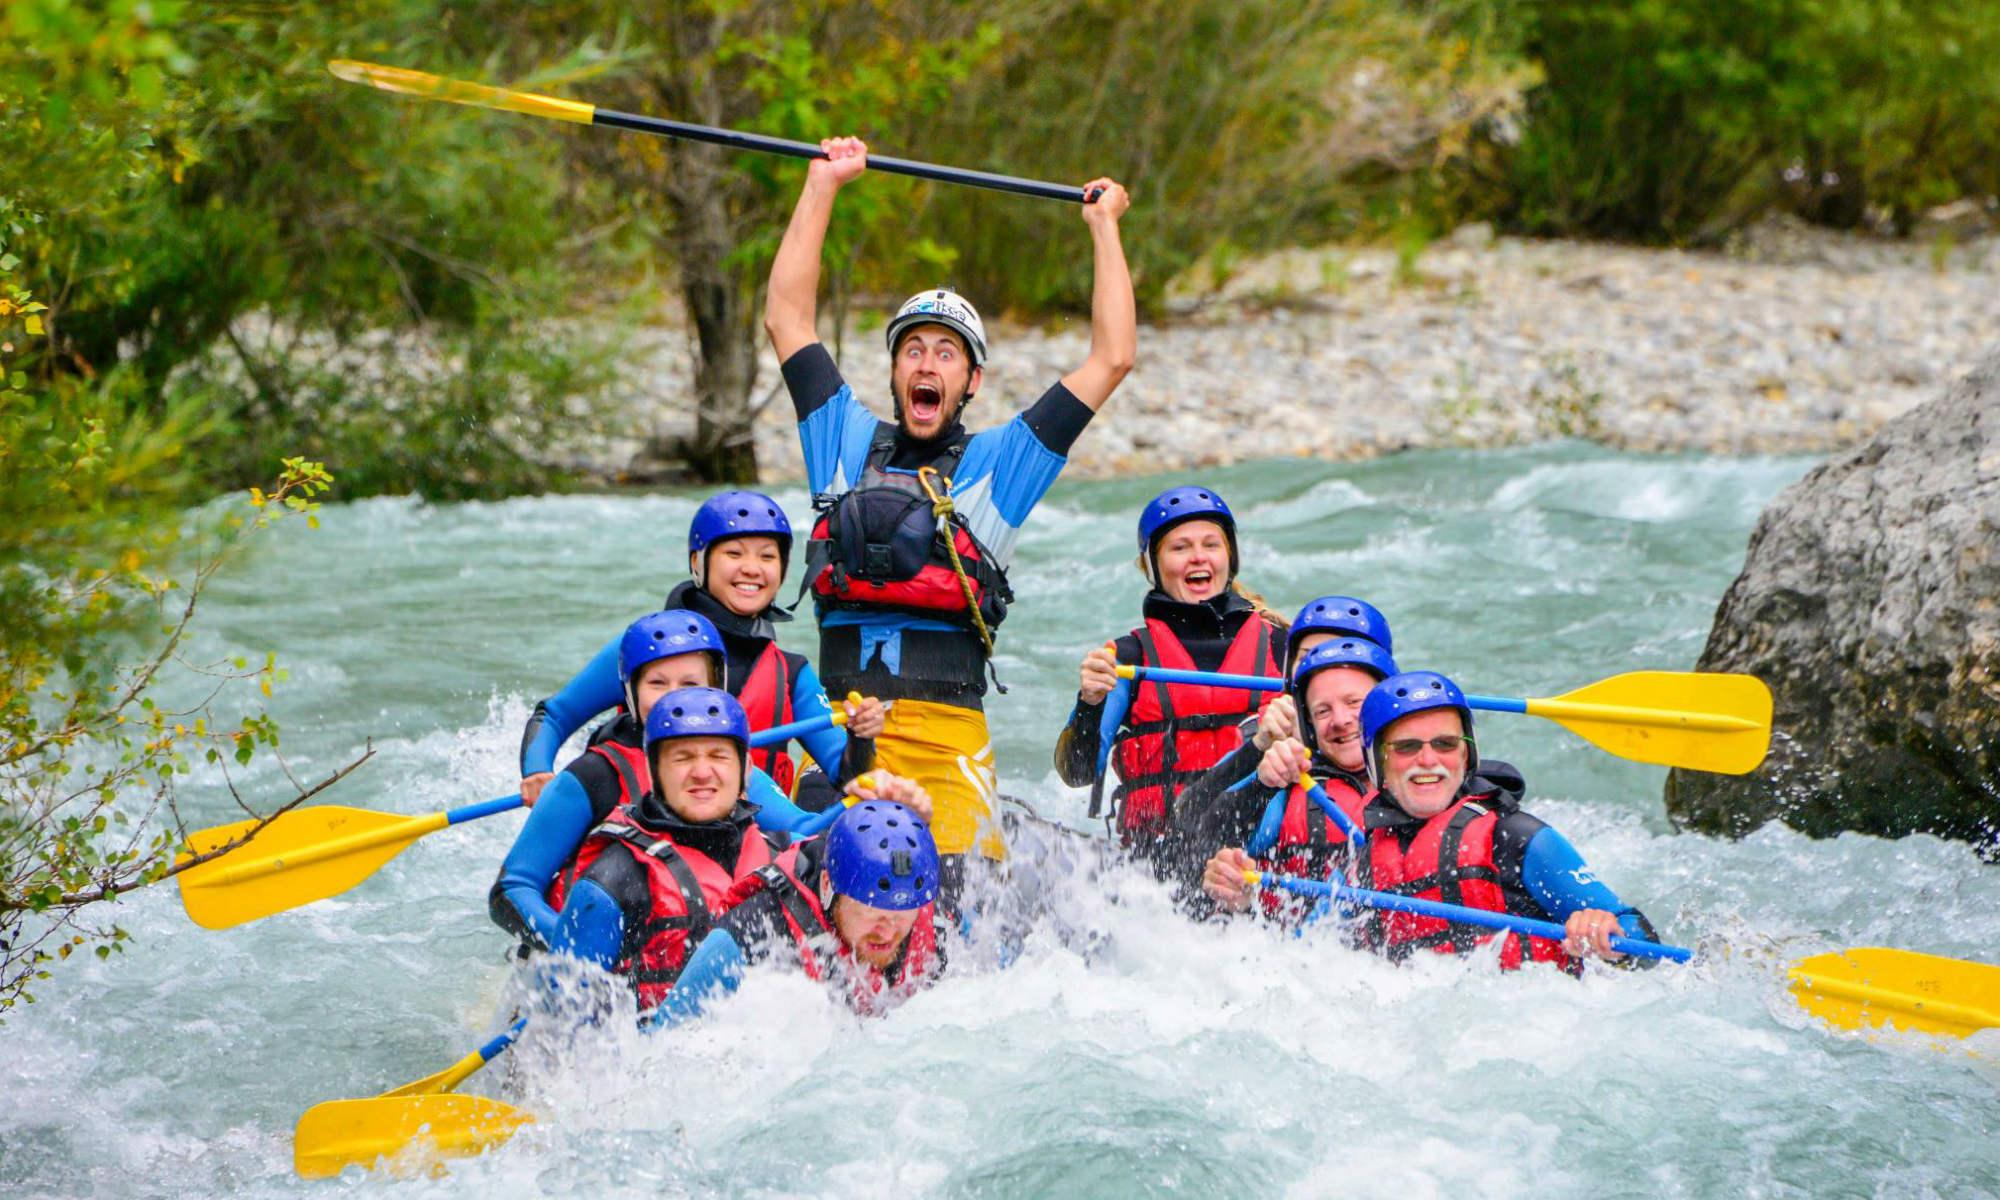 Huit rafteurs traversent un rapide lors d'une activité de rafting sur le Verdon et le guide lève sa pagaie.